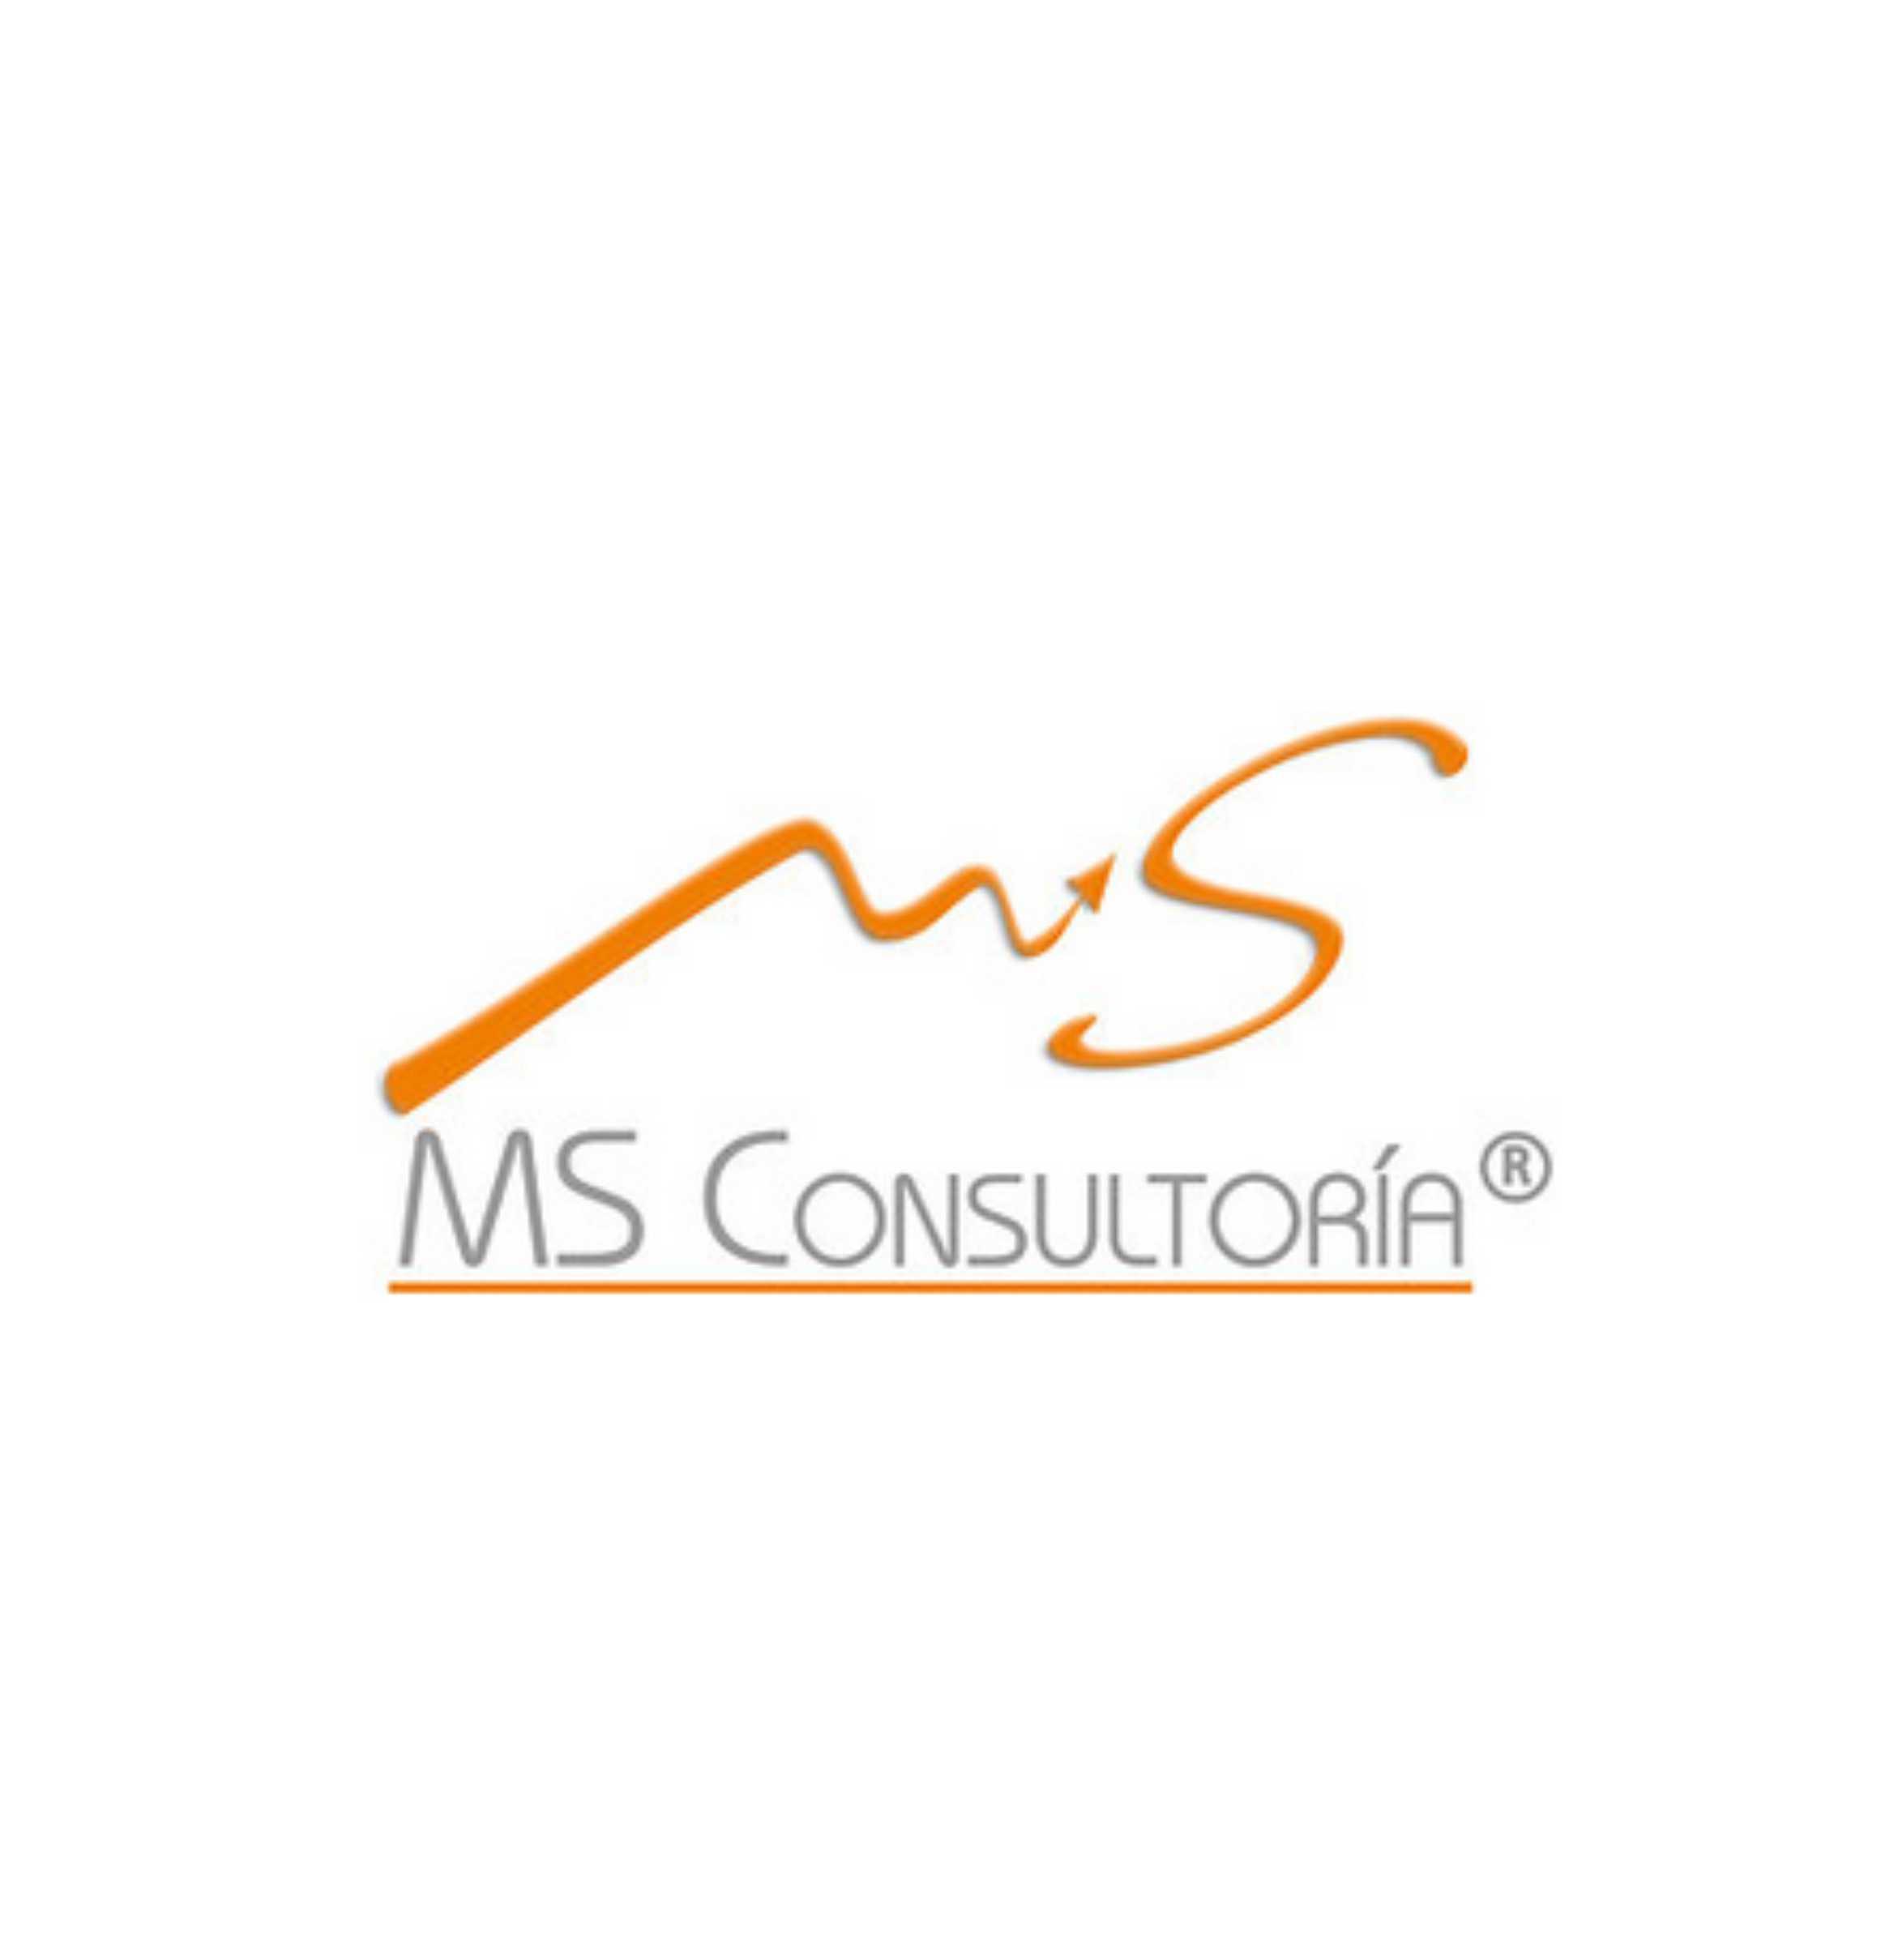 MS Consultoría